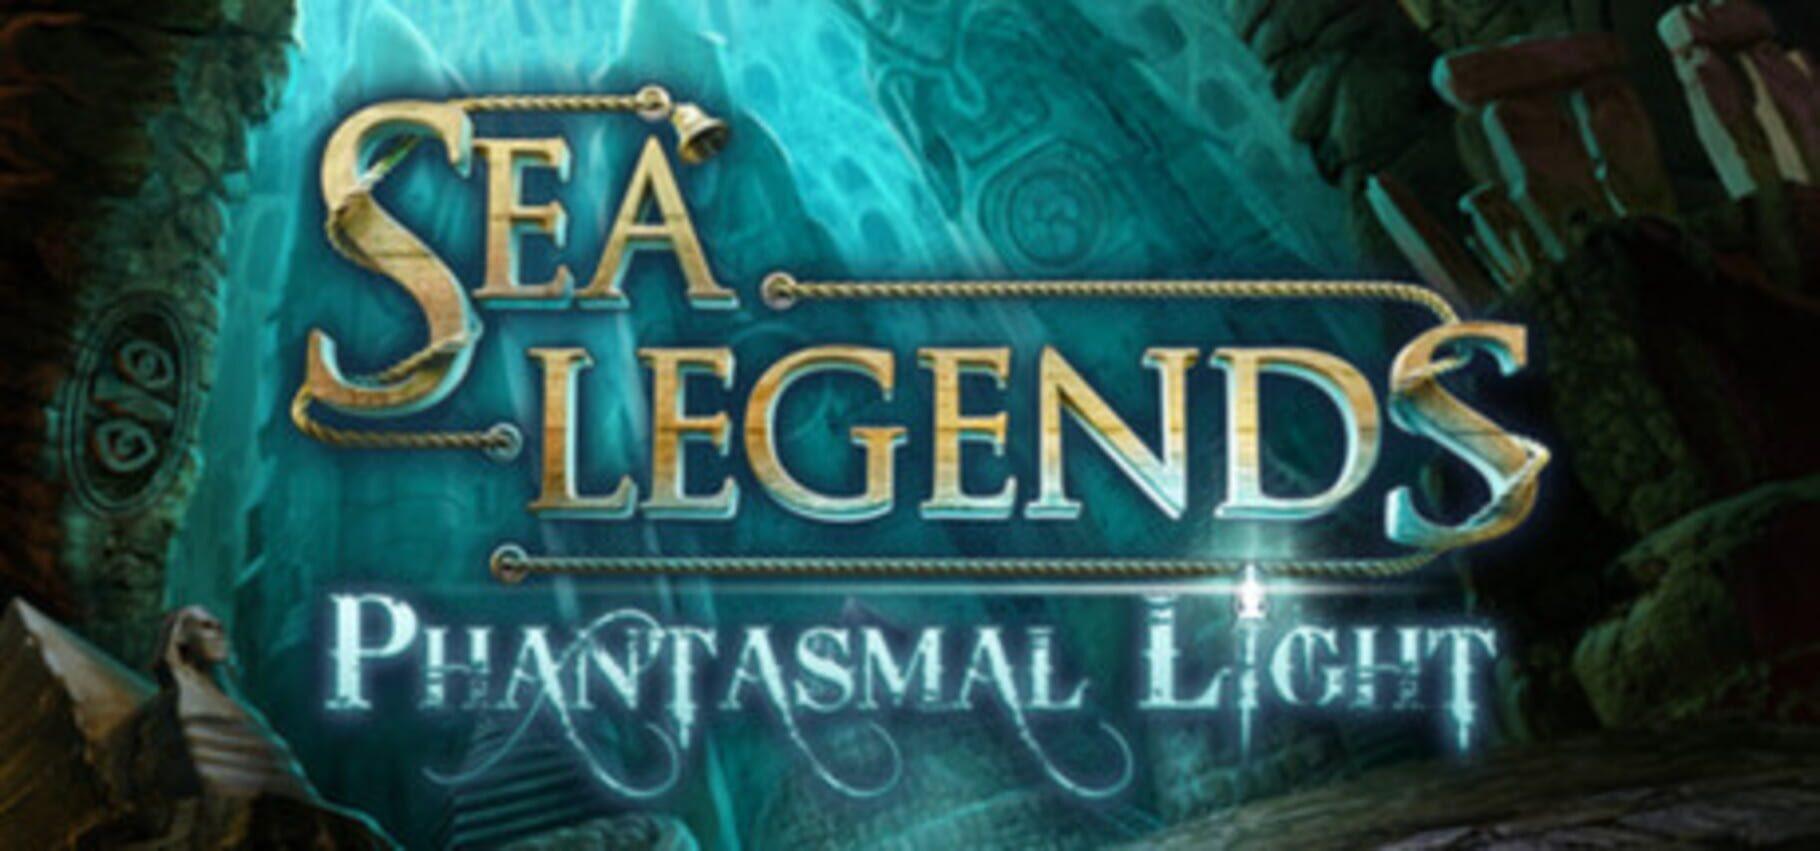 buy Sea Legends: Phantasmal Light cd key for all platform